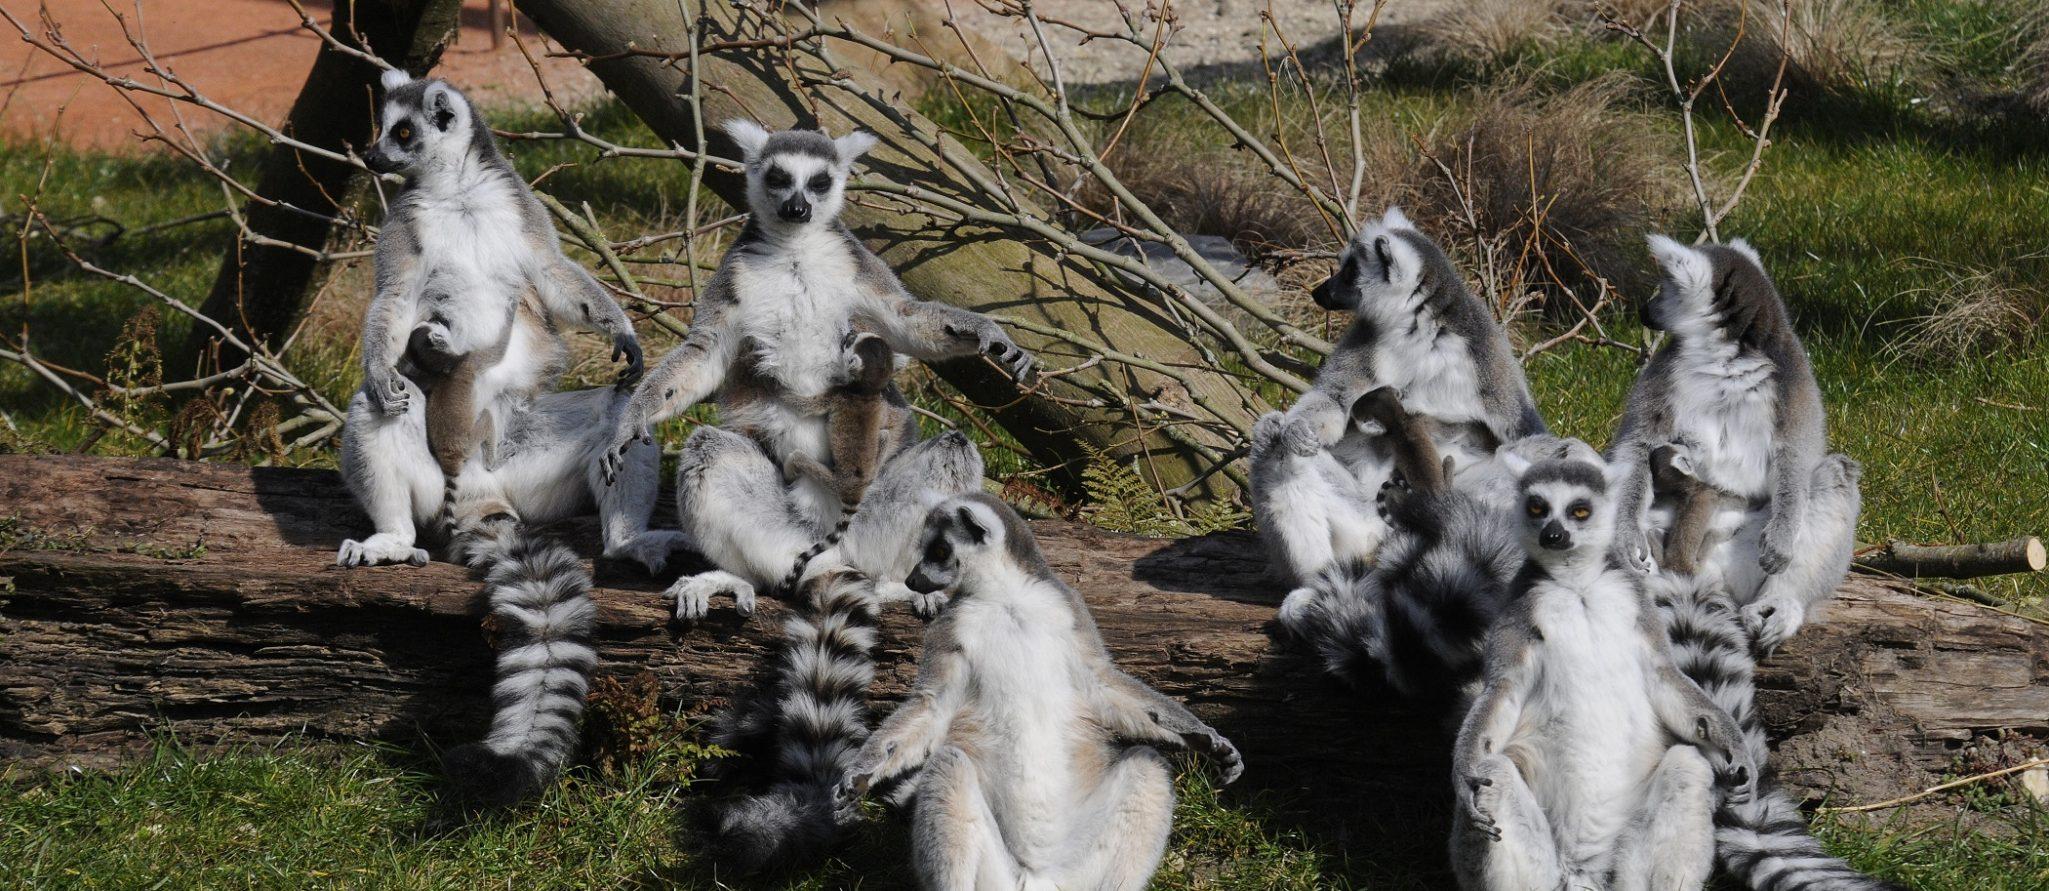 vier pasgeboren ringstaartmaki's bij moeders in de zon